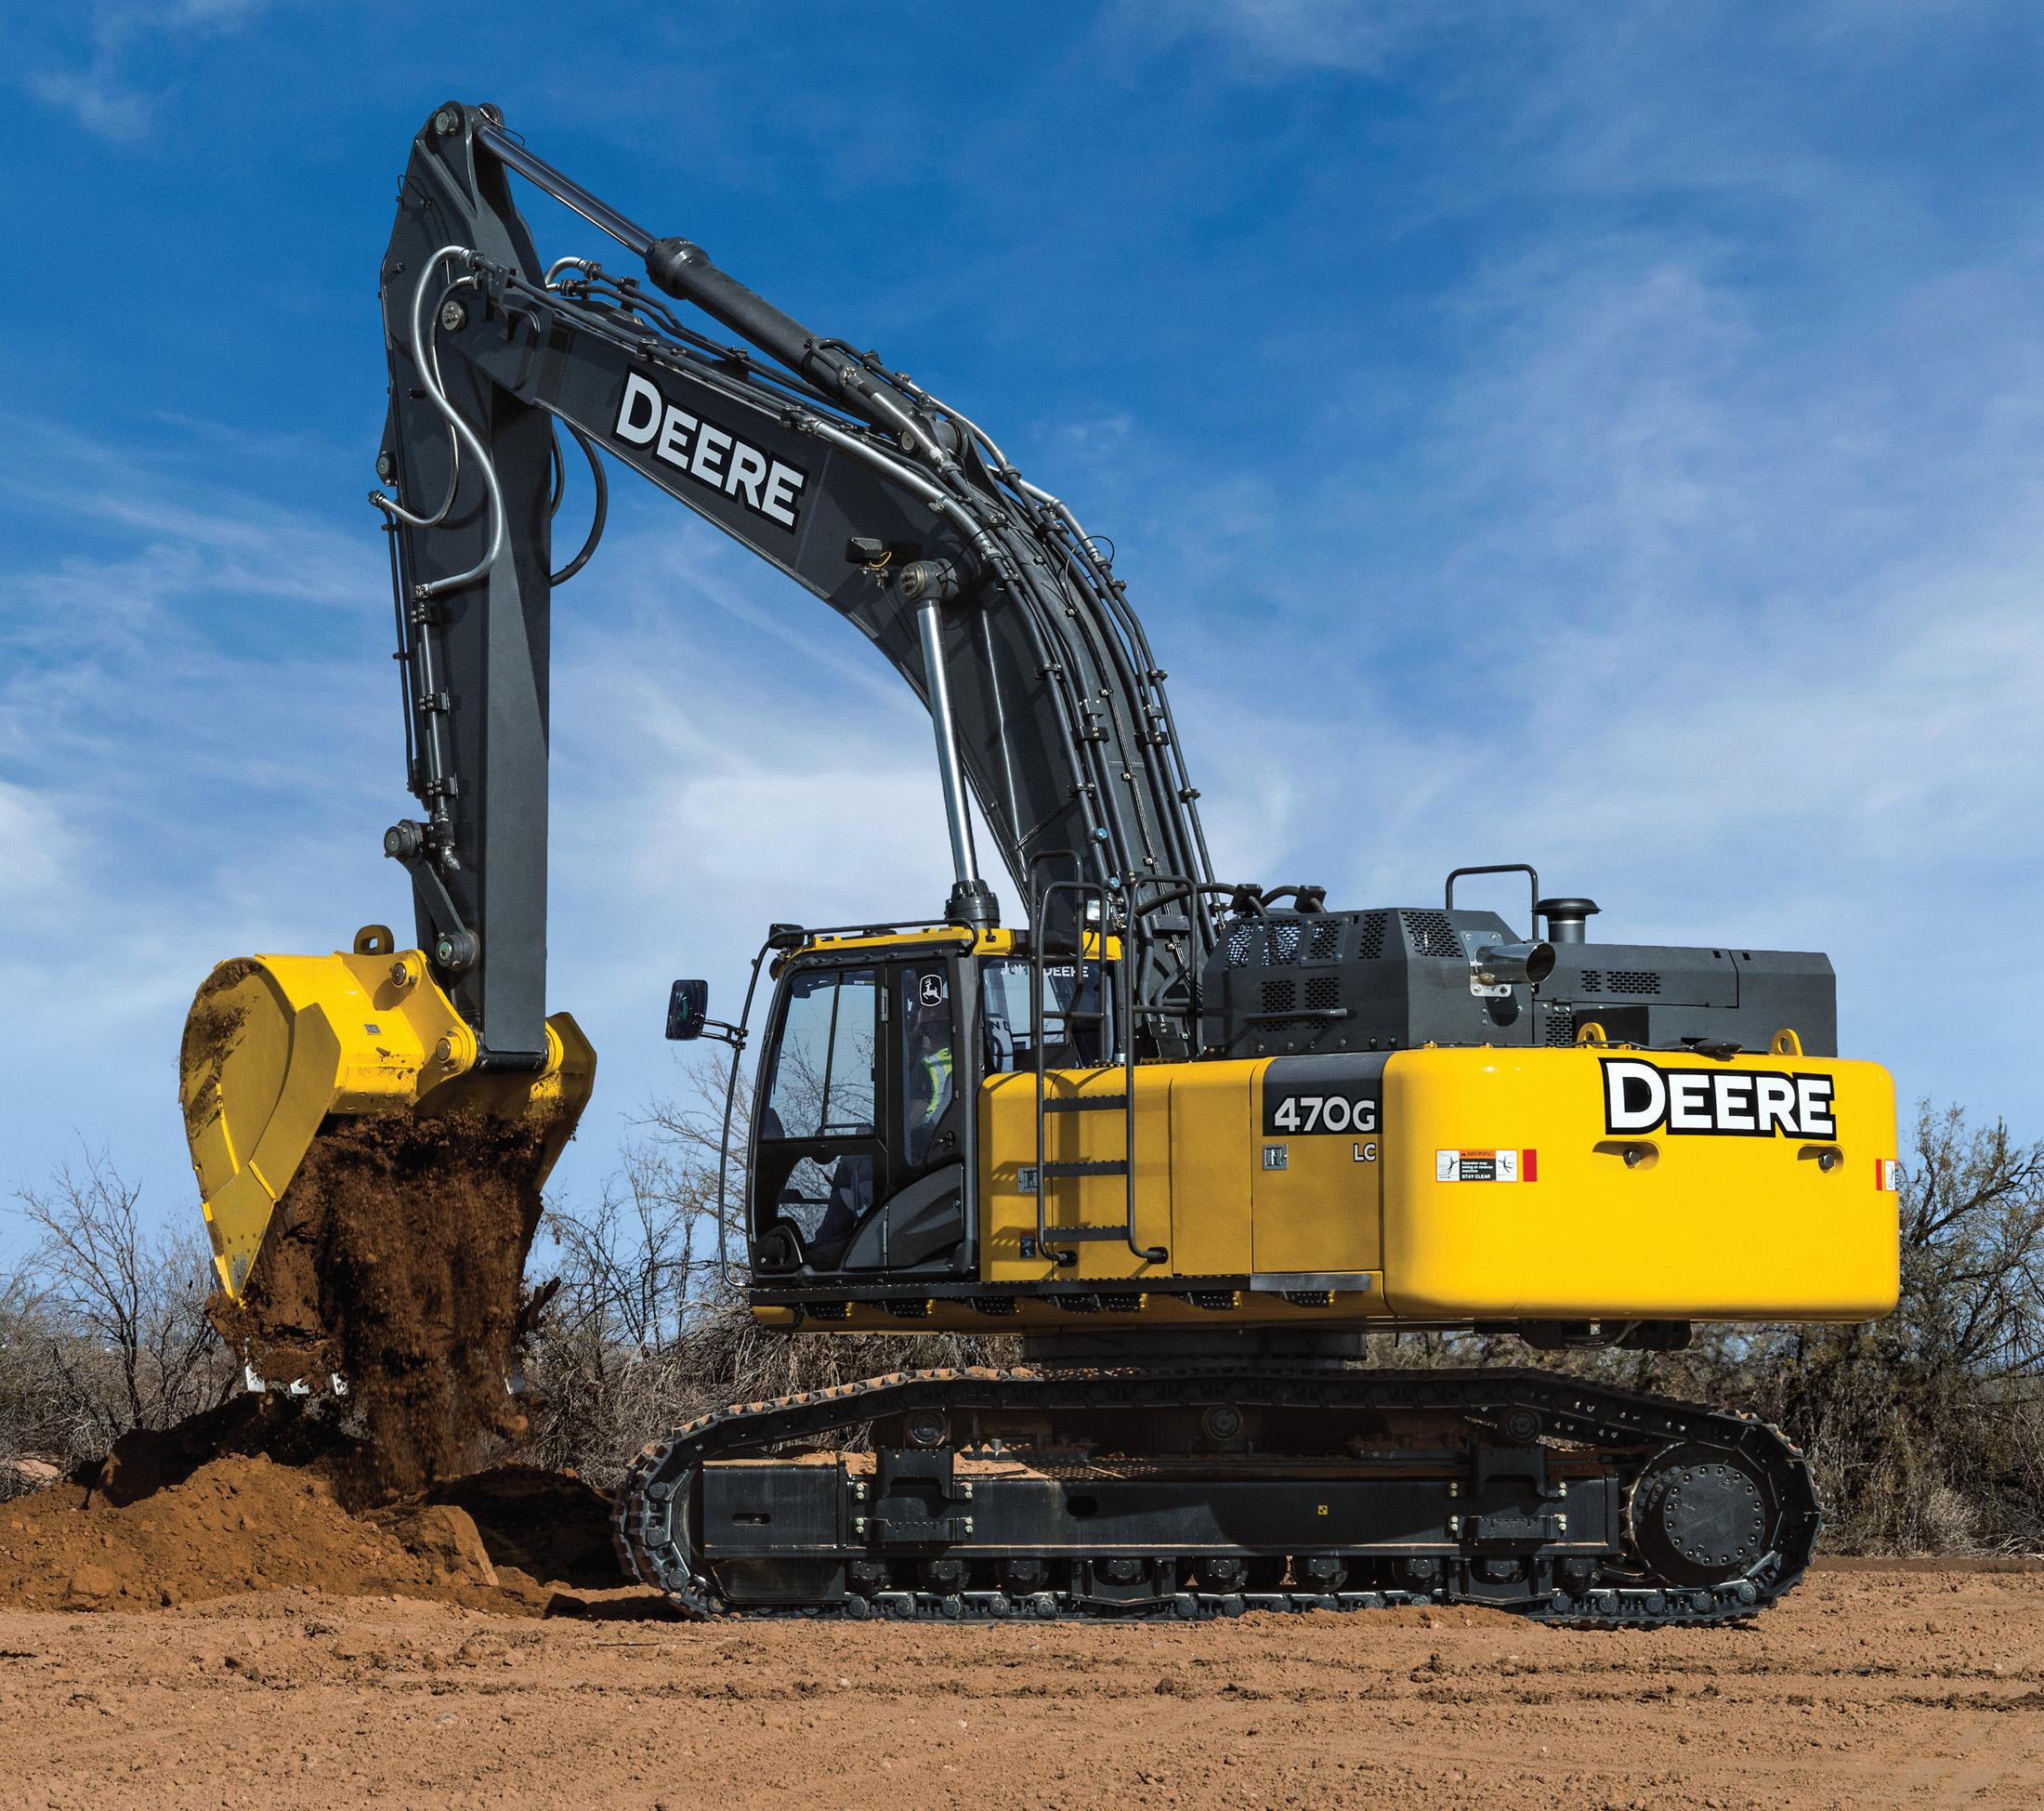 John Deere's 470G LC Excavator